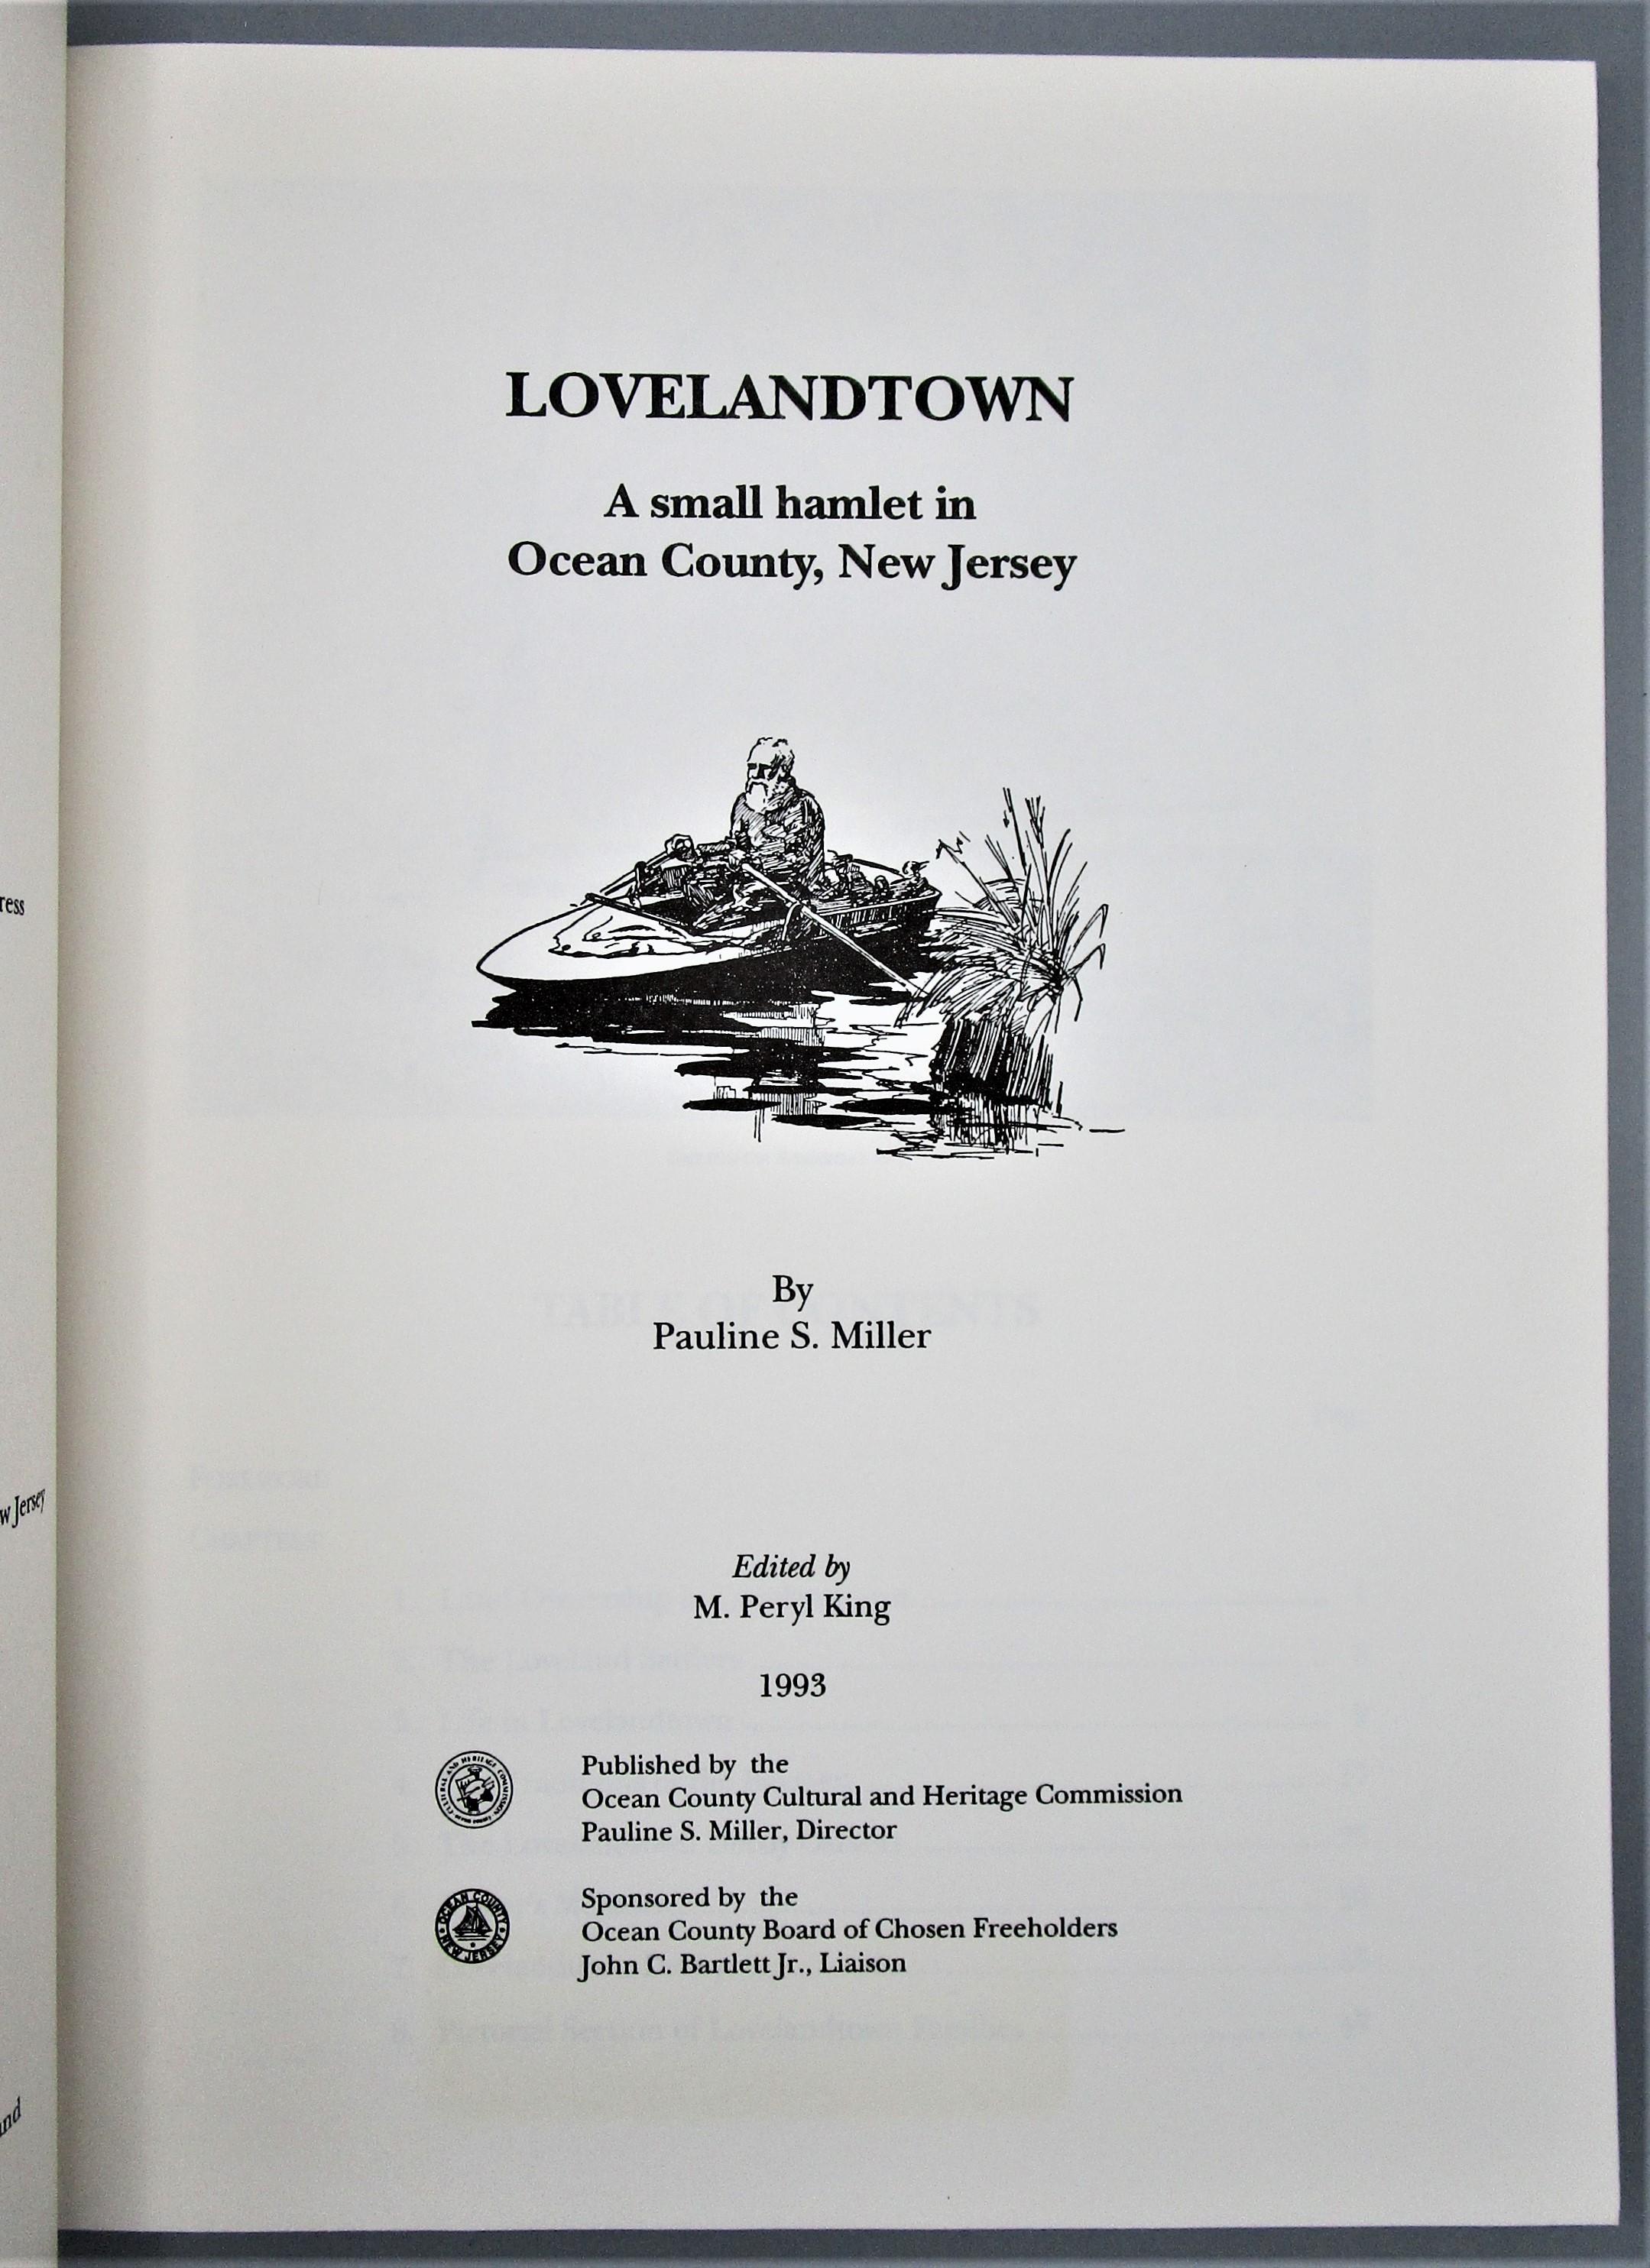 LOVELANDTOWN: A SMALL HAMLET IN OCEAN COUNTY, NJ, by Pauline S. Miller - 1993 [Ltd Ed]